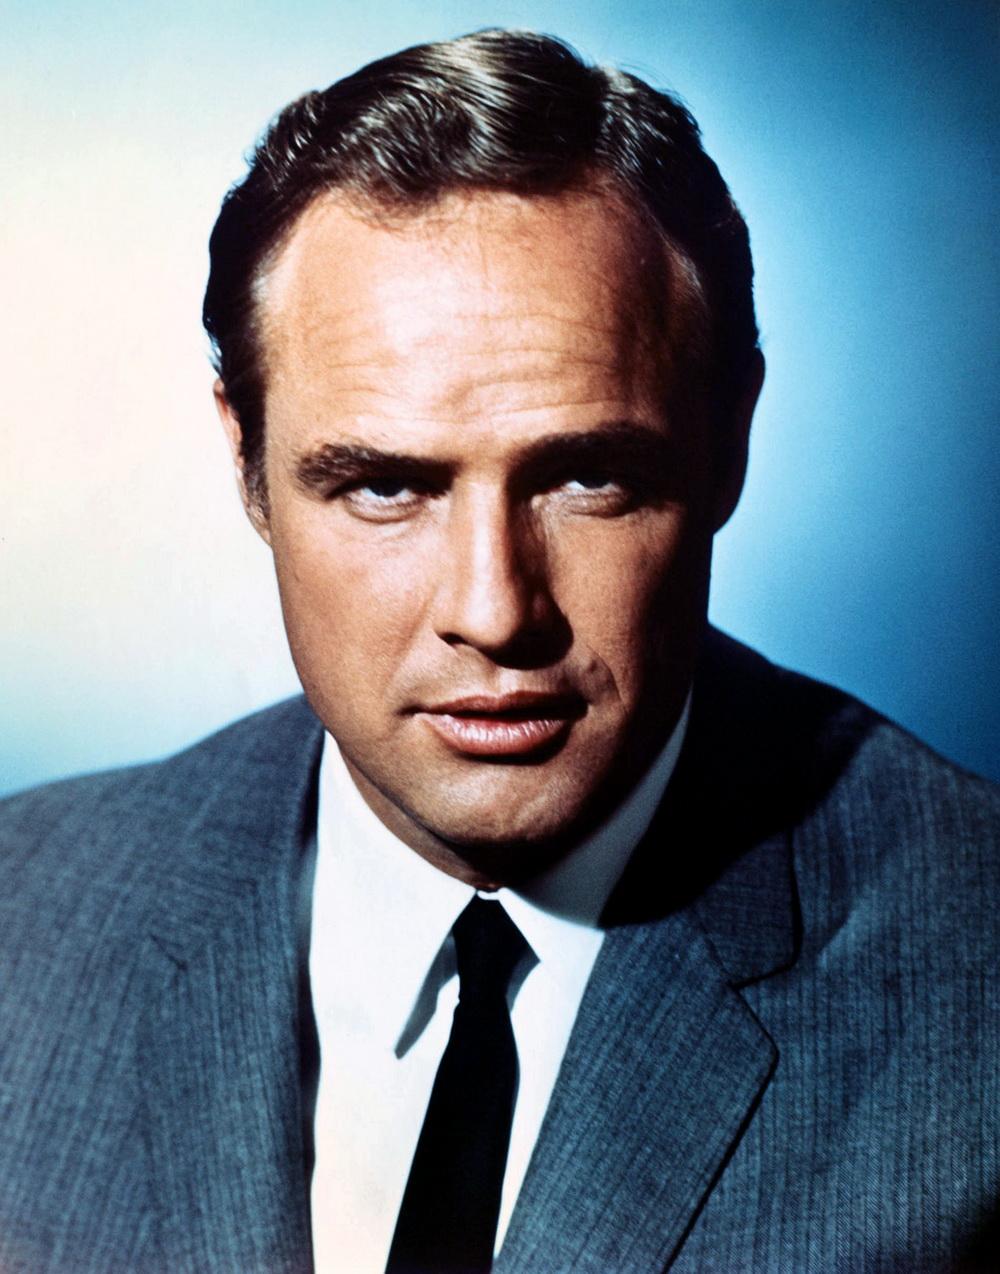 Марлон Брандо (Marlon Brando)